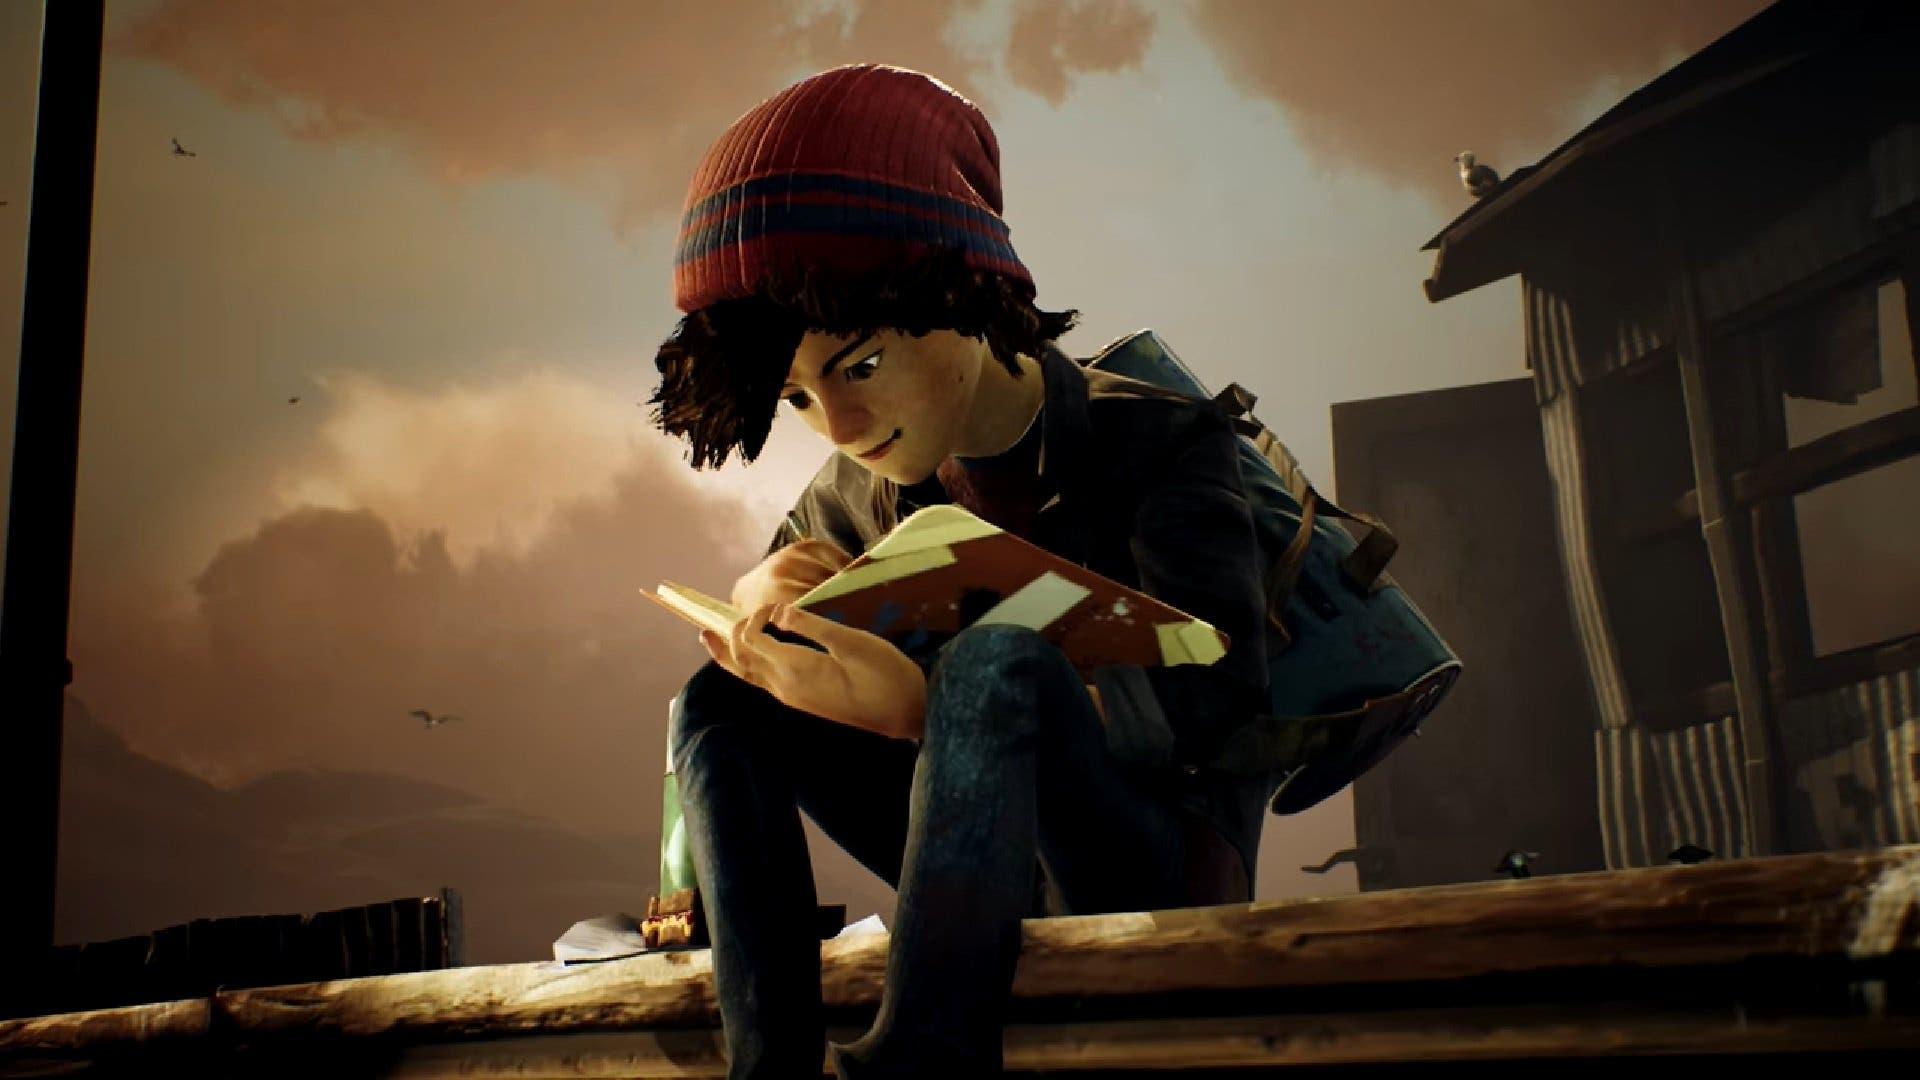 Imagen de Concrete Genie confirma su lanzamiento en PlayStation 4 para el mes de octubre